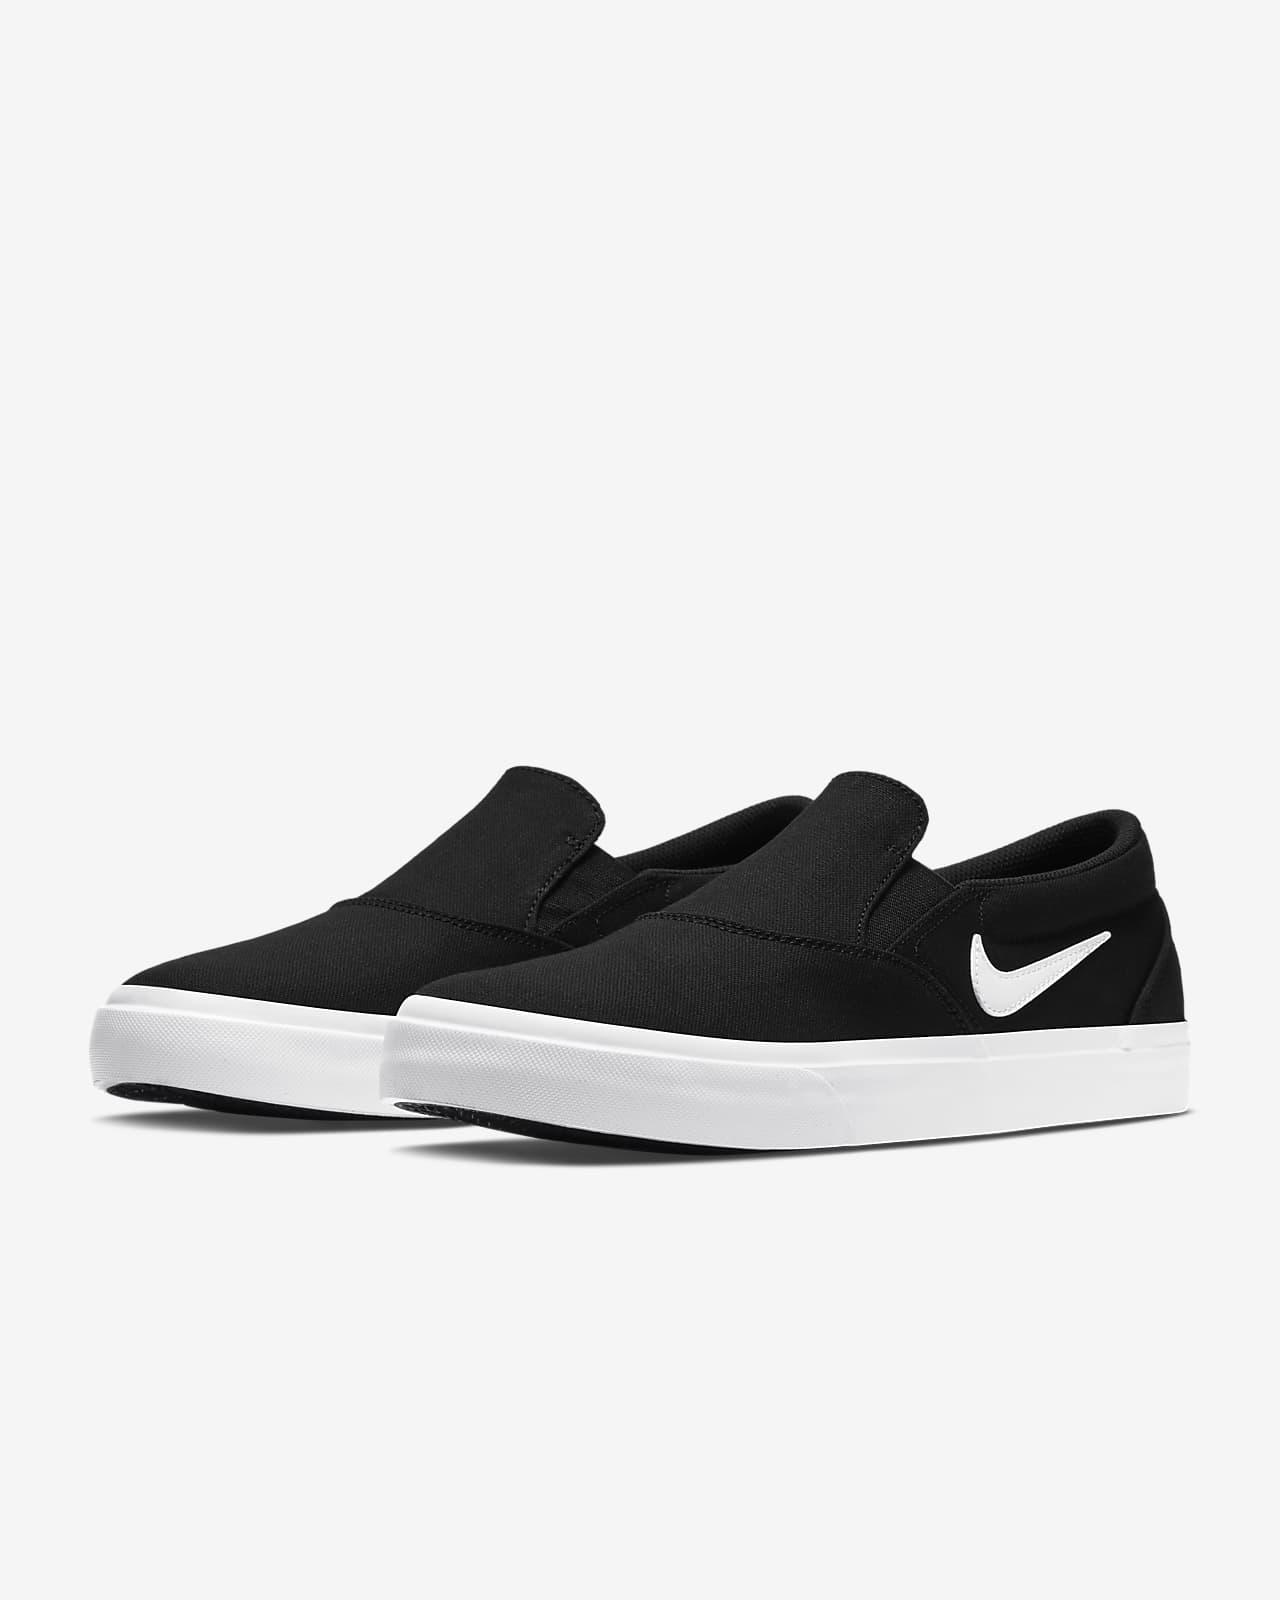 Nike SB Charge Slip Skate Shoe